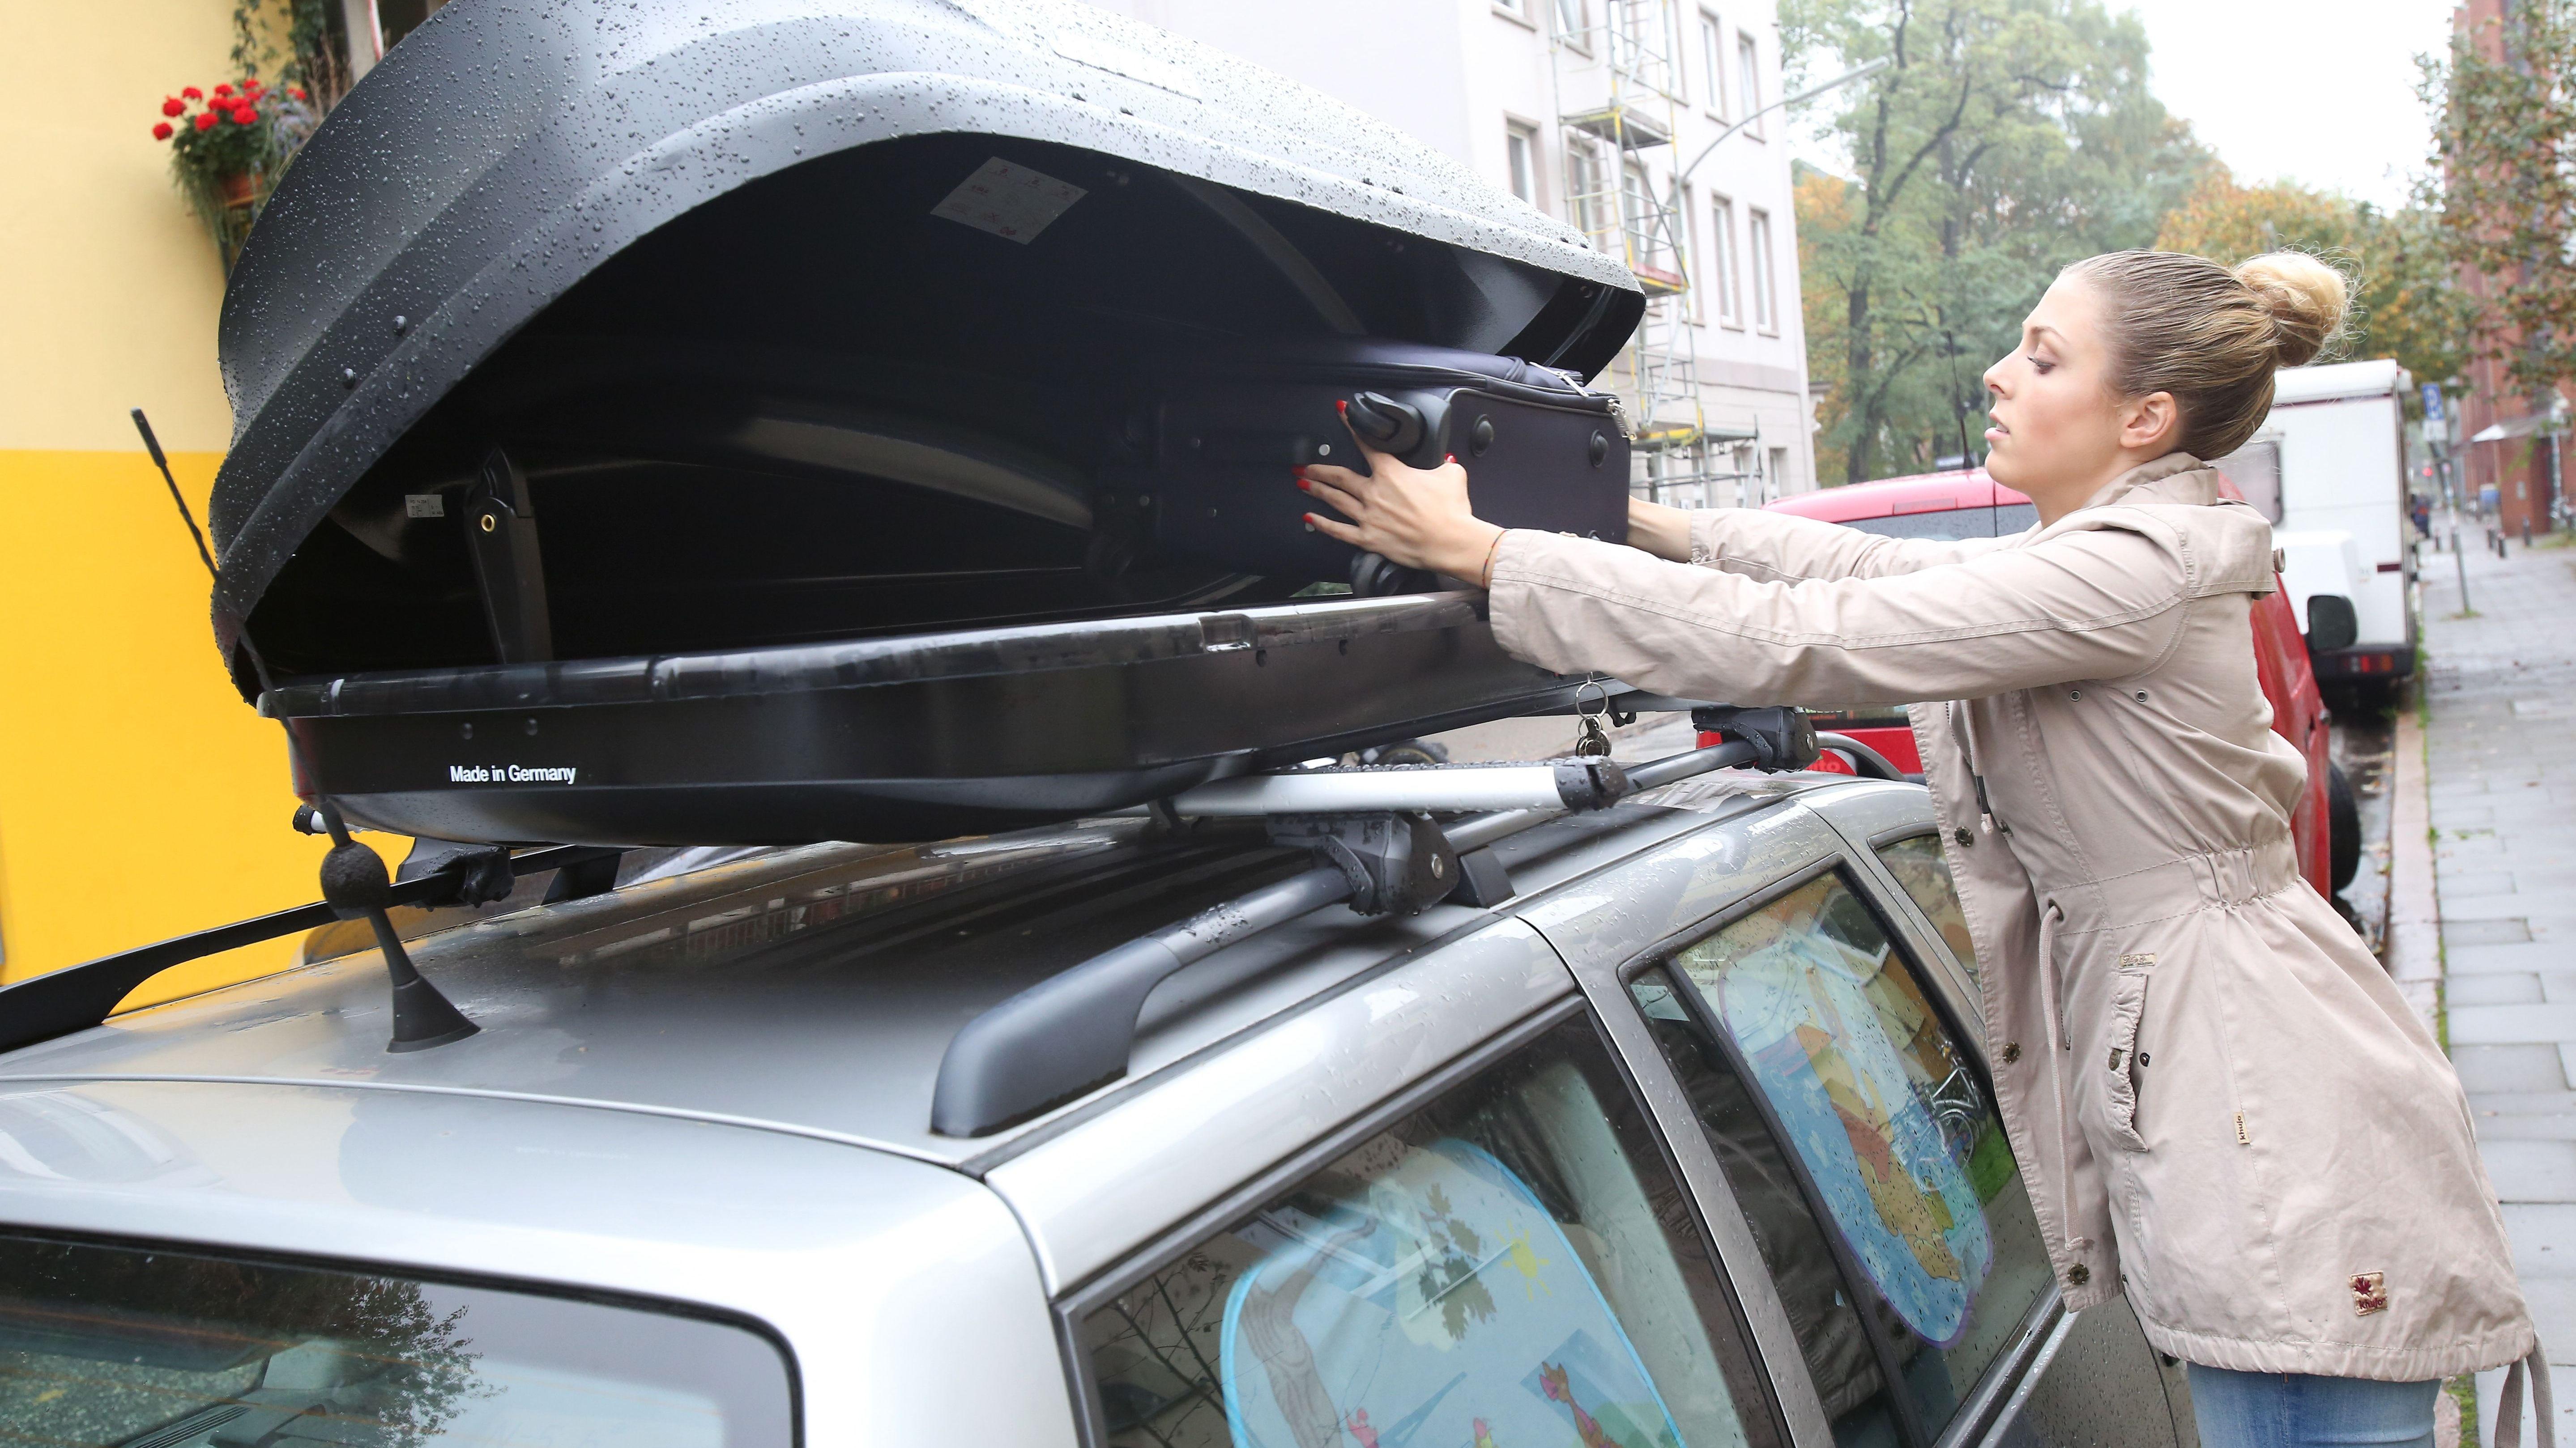 Frau packt einen Koffer in die Dachbox ihres Autos.